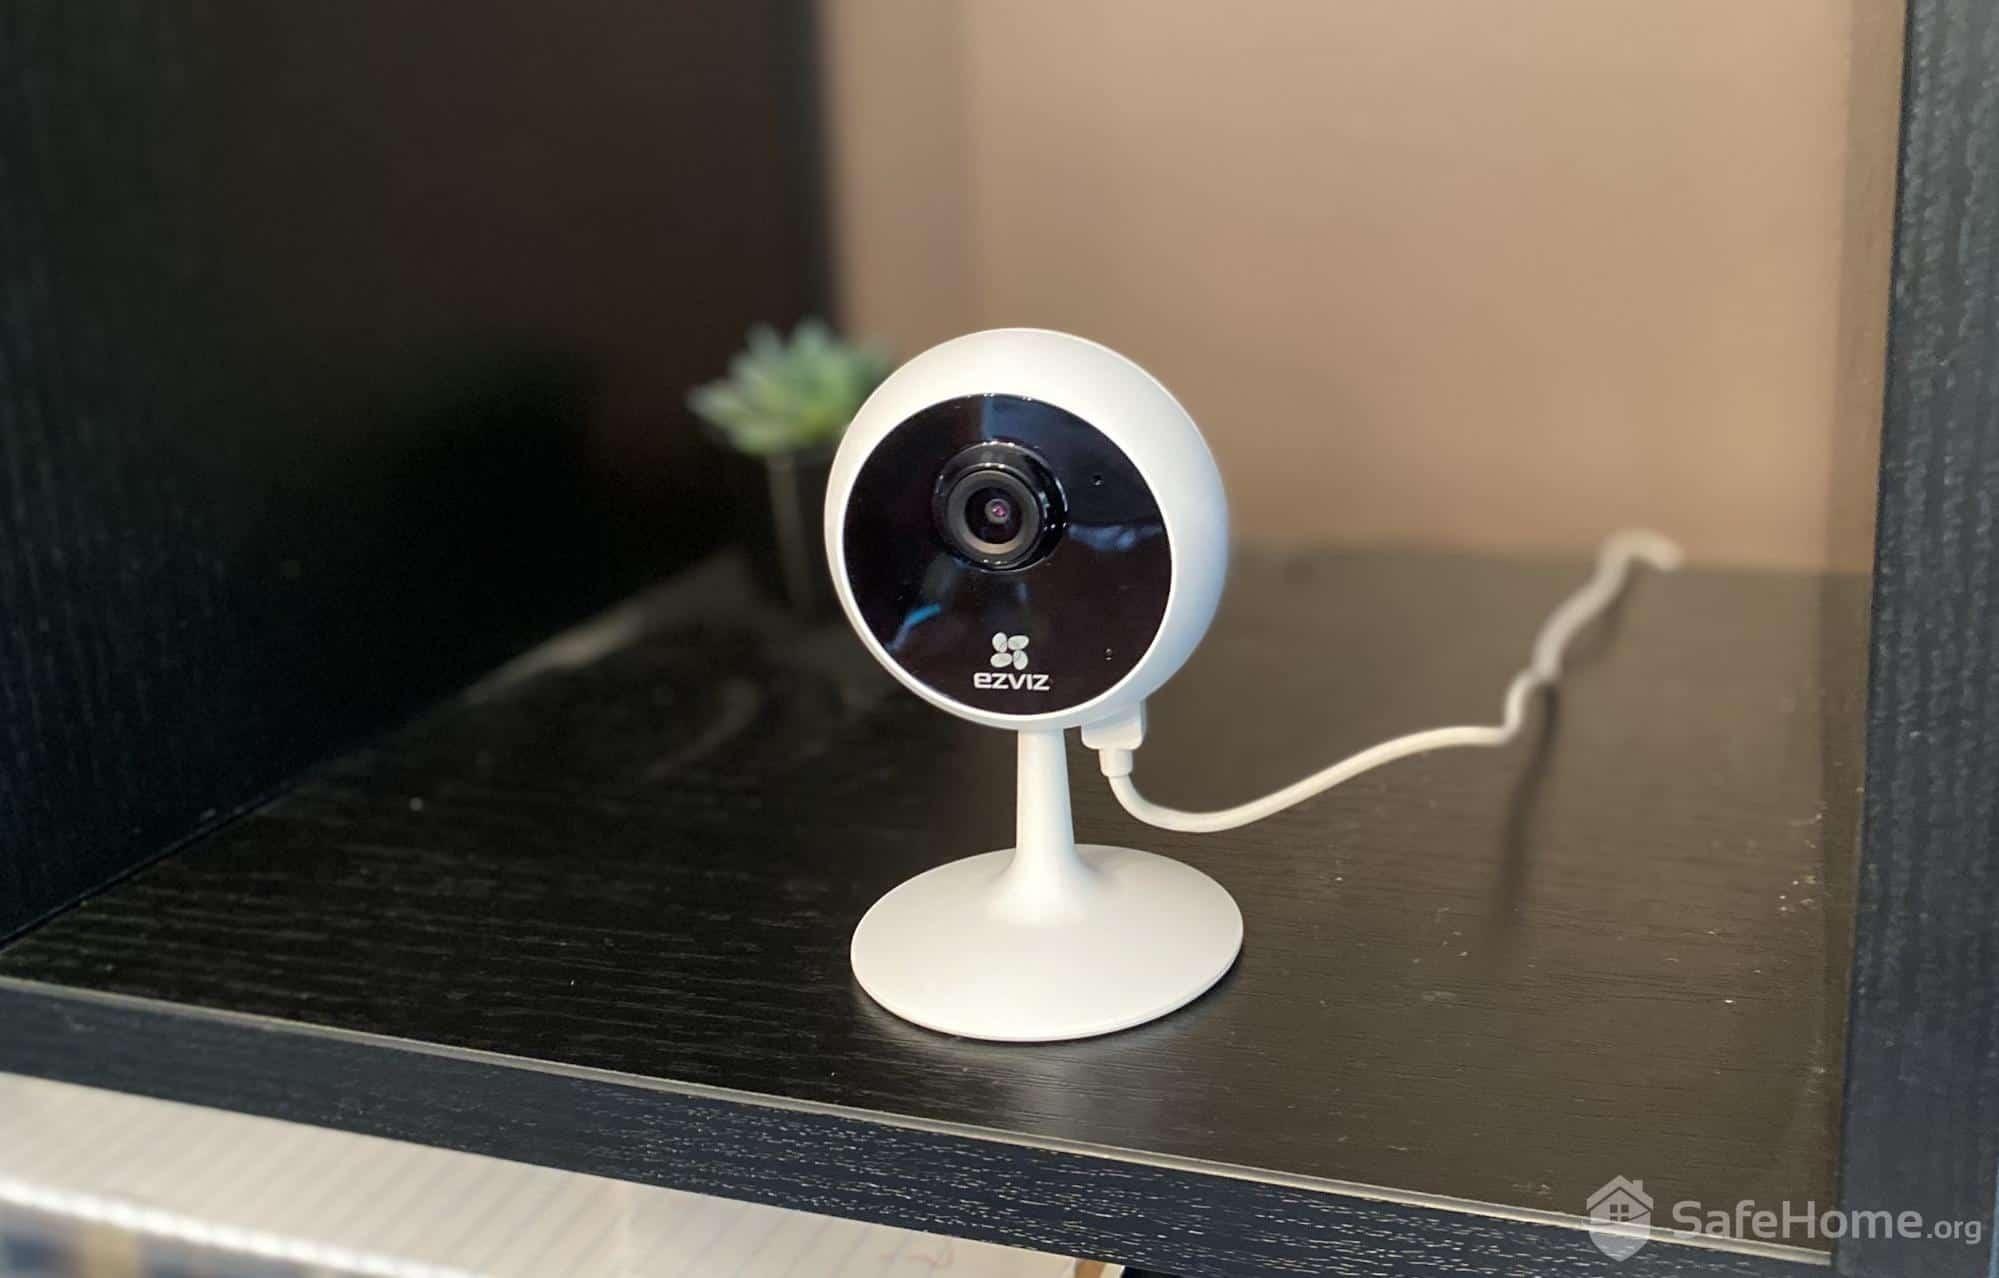 Ezviz Camera on bookshelf